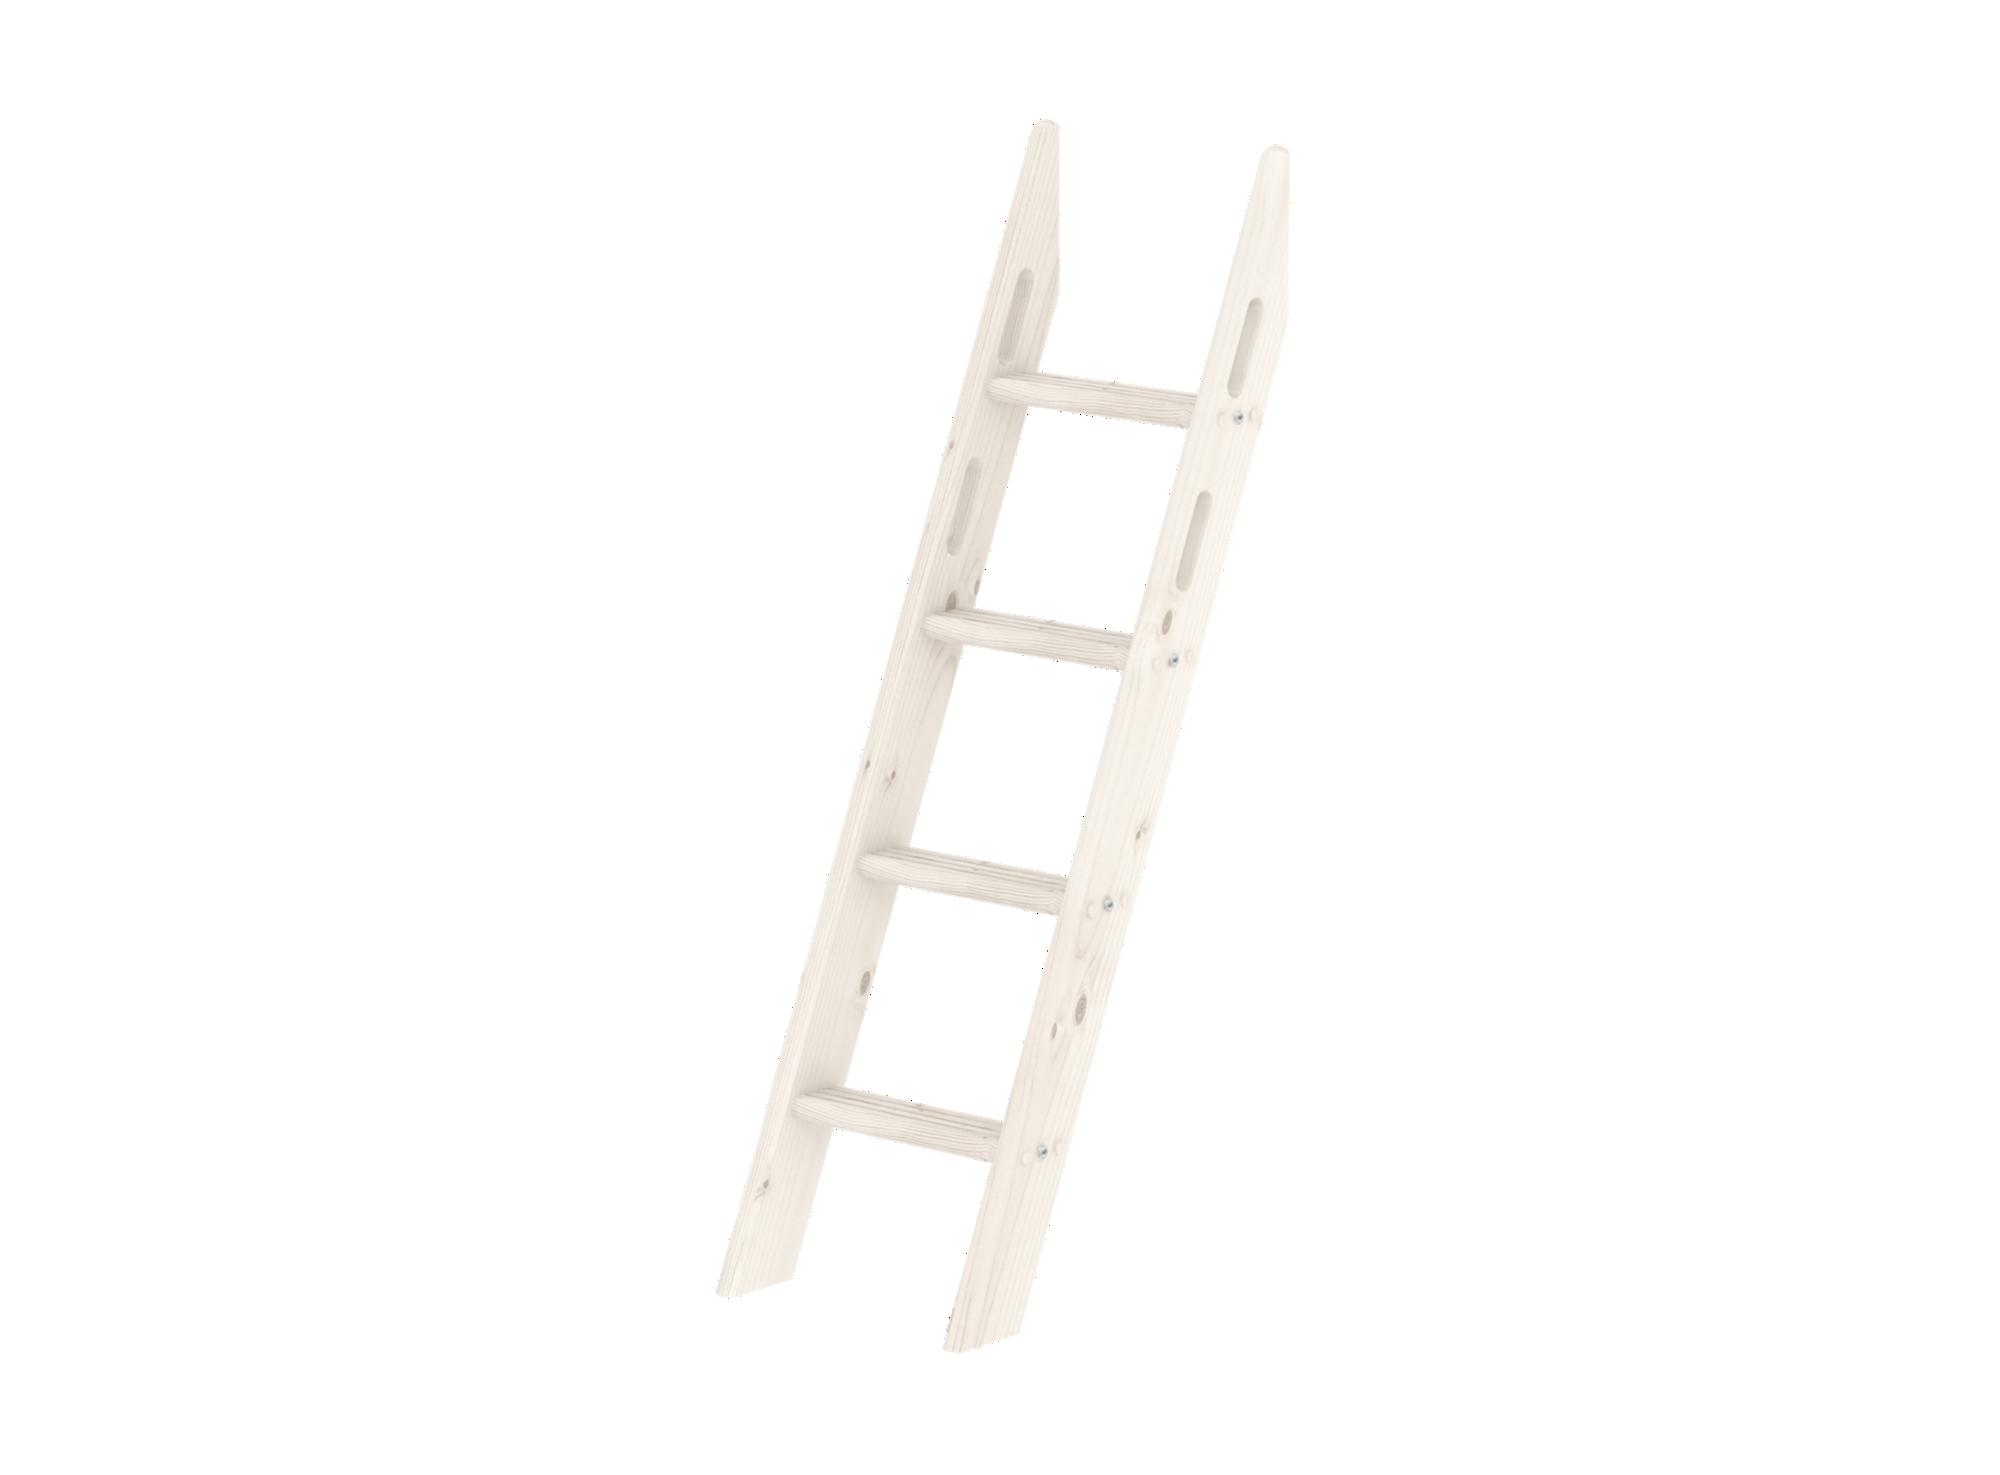 Echelle inclinee 4 barreaux pour lit sureleve ht 143 cm ou lit en dec ...